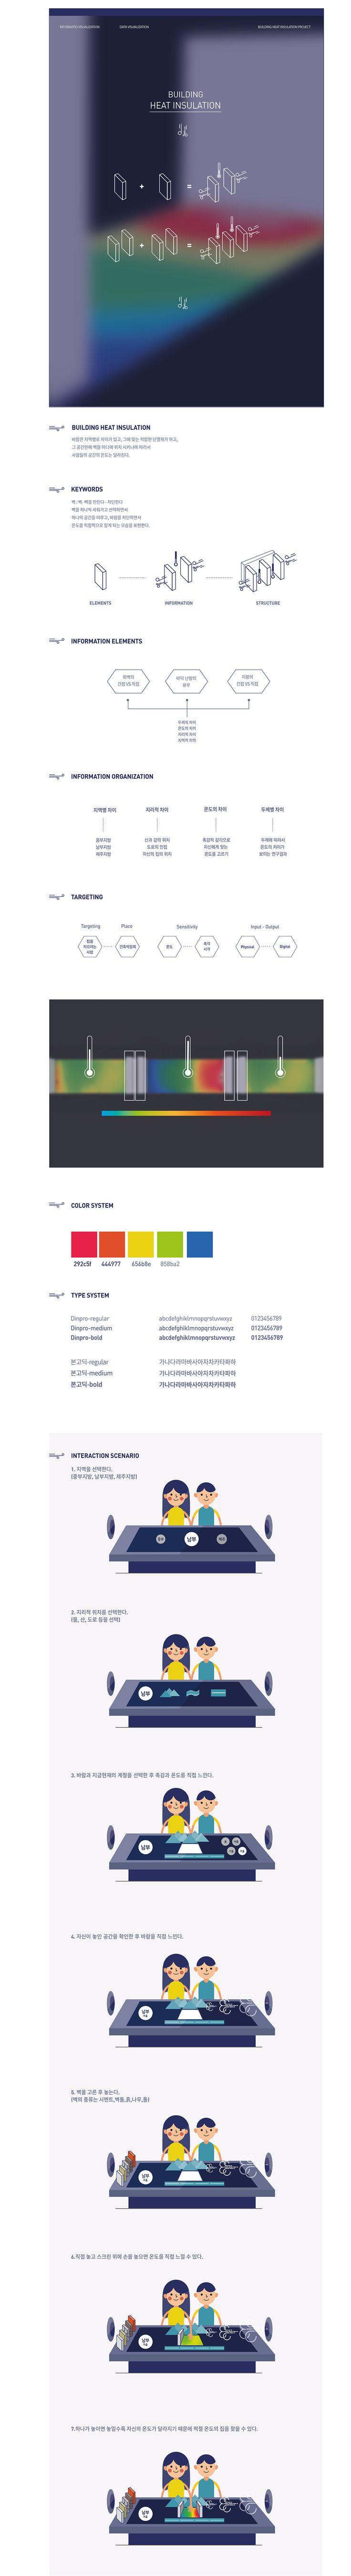 최수영 │ Information Visualization 2015│ Major in Digital Media Design │#hicoda │hicoda.hongik.ac.kr